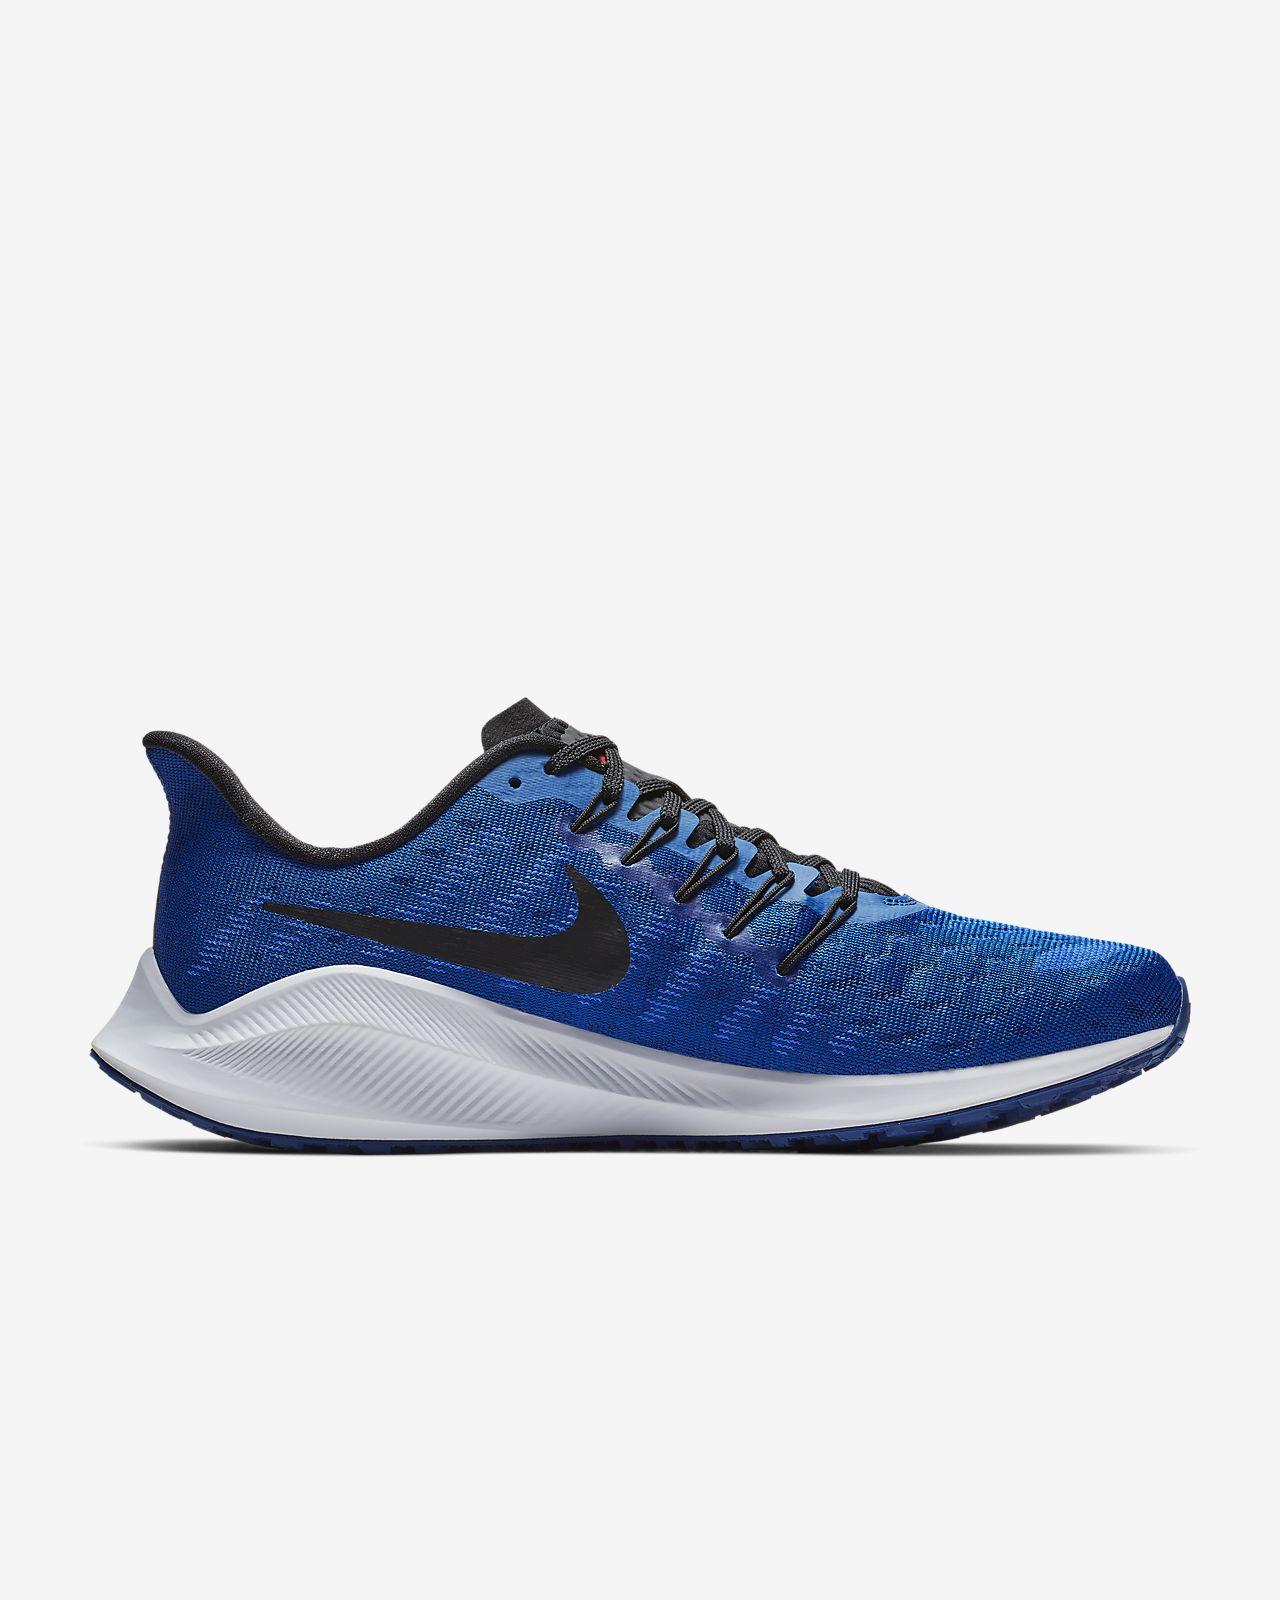 info for 93635 4a1af ... Calzado de running para hombre Nike Air Zoom Vomero 14